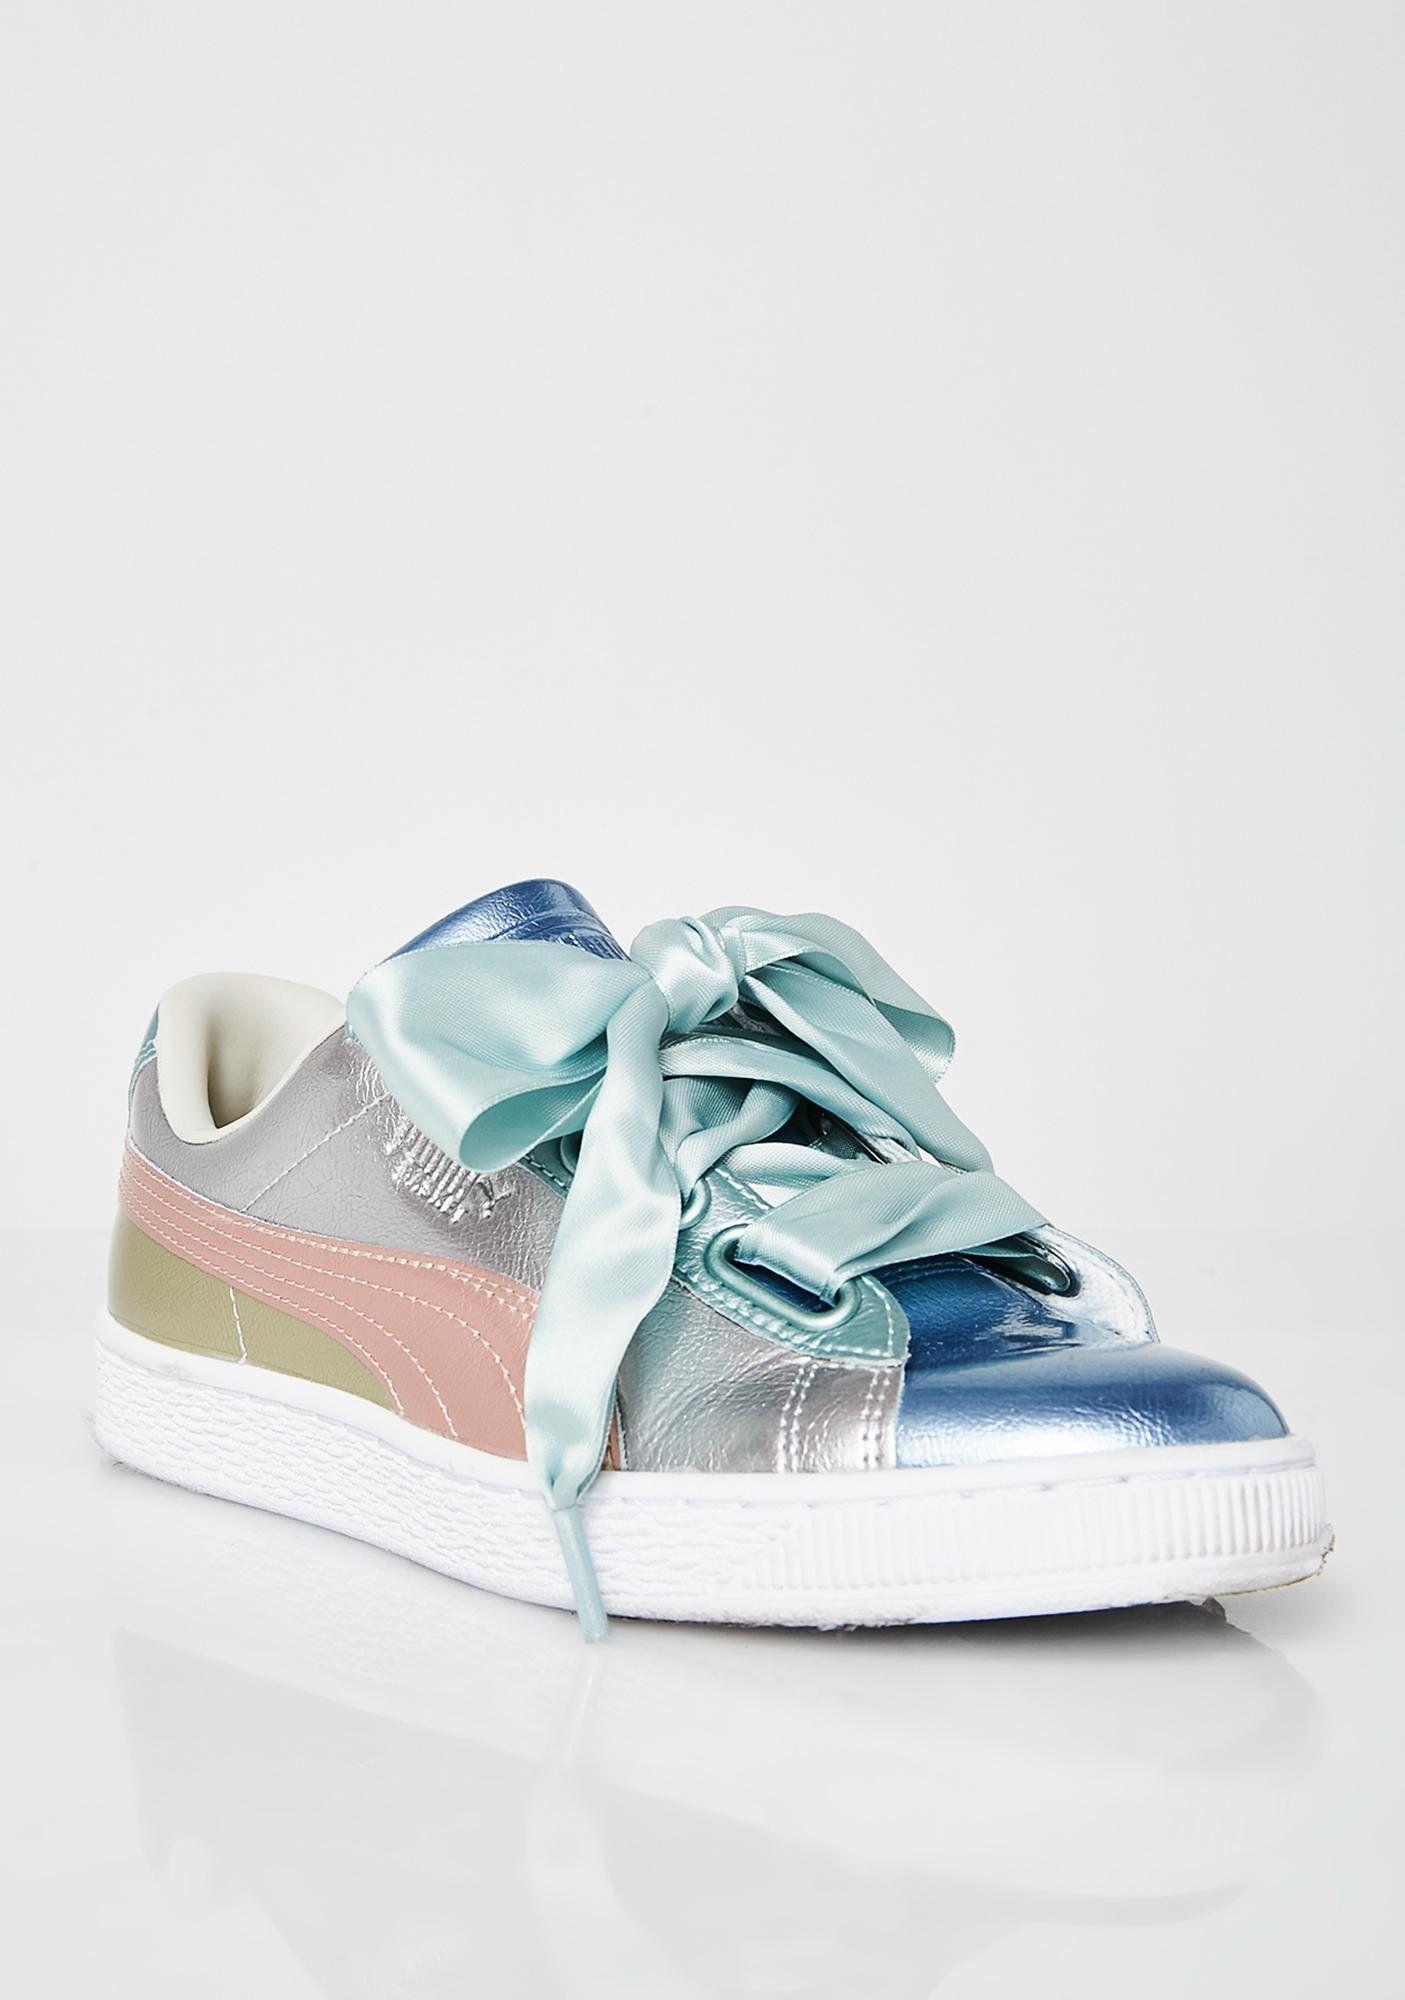 big sale 4b294 b6a46 Basket Heart Bauble Sneakers | PUMA Shoes | Puma basket ...